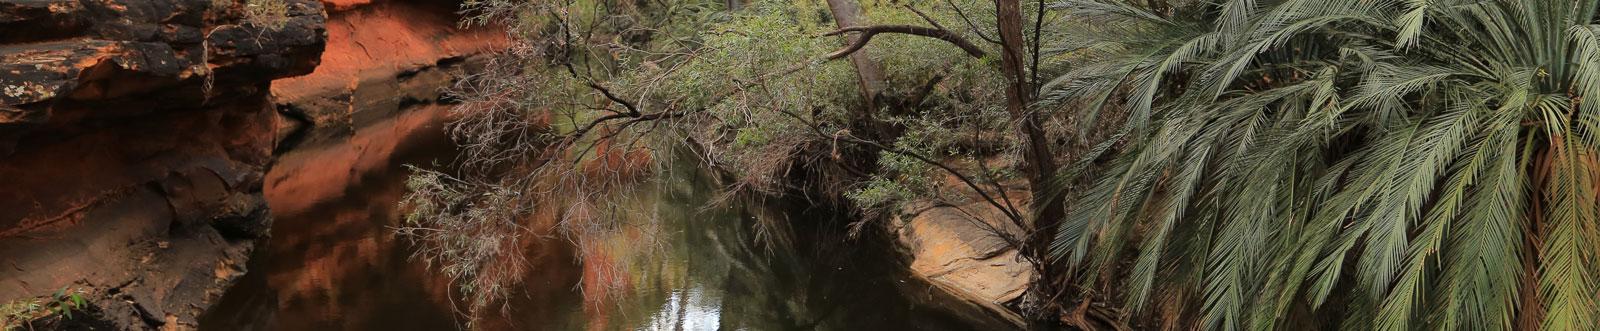 Paradiesisches Lebensgefühl (im Outback)